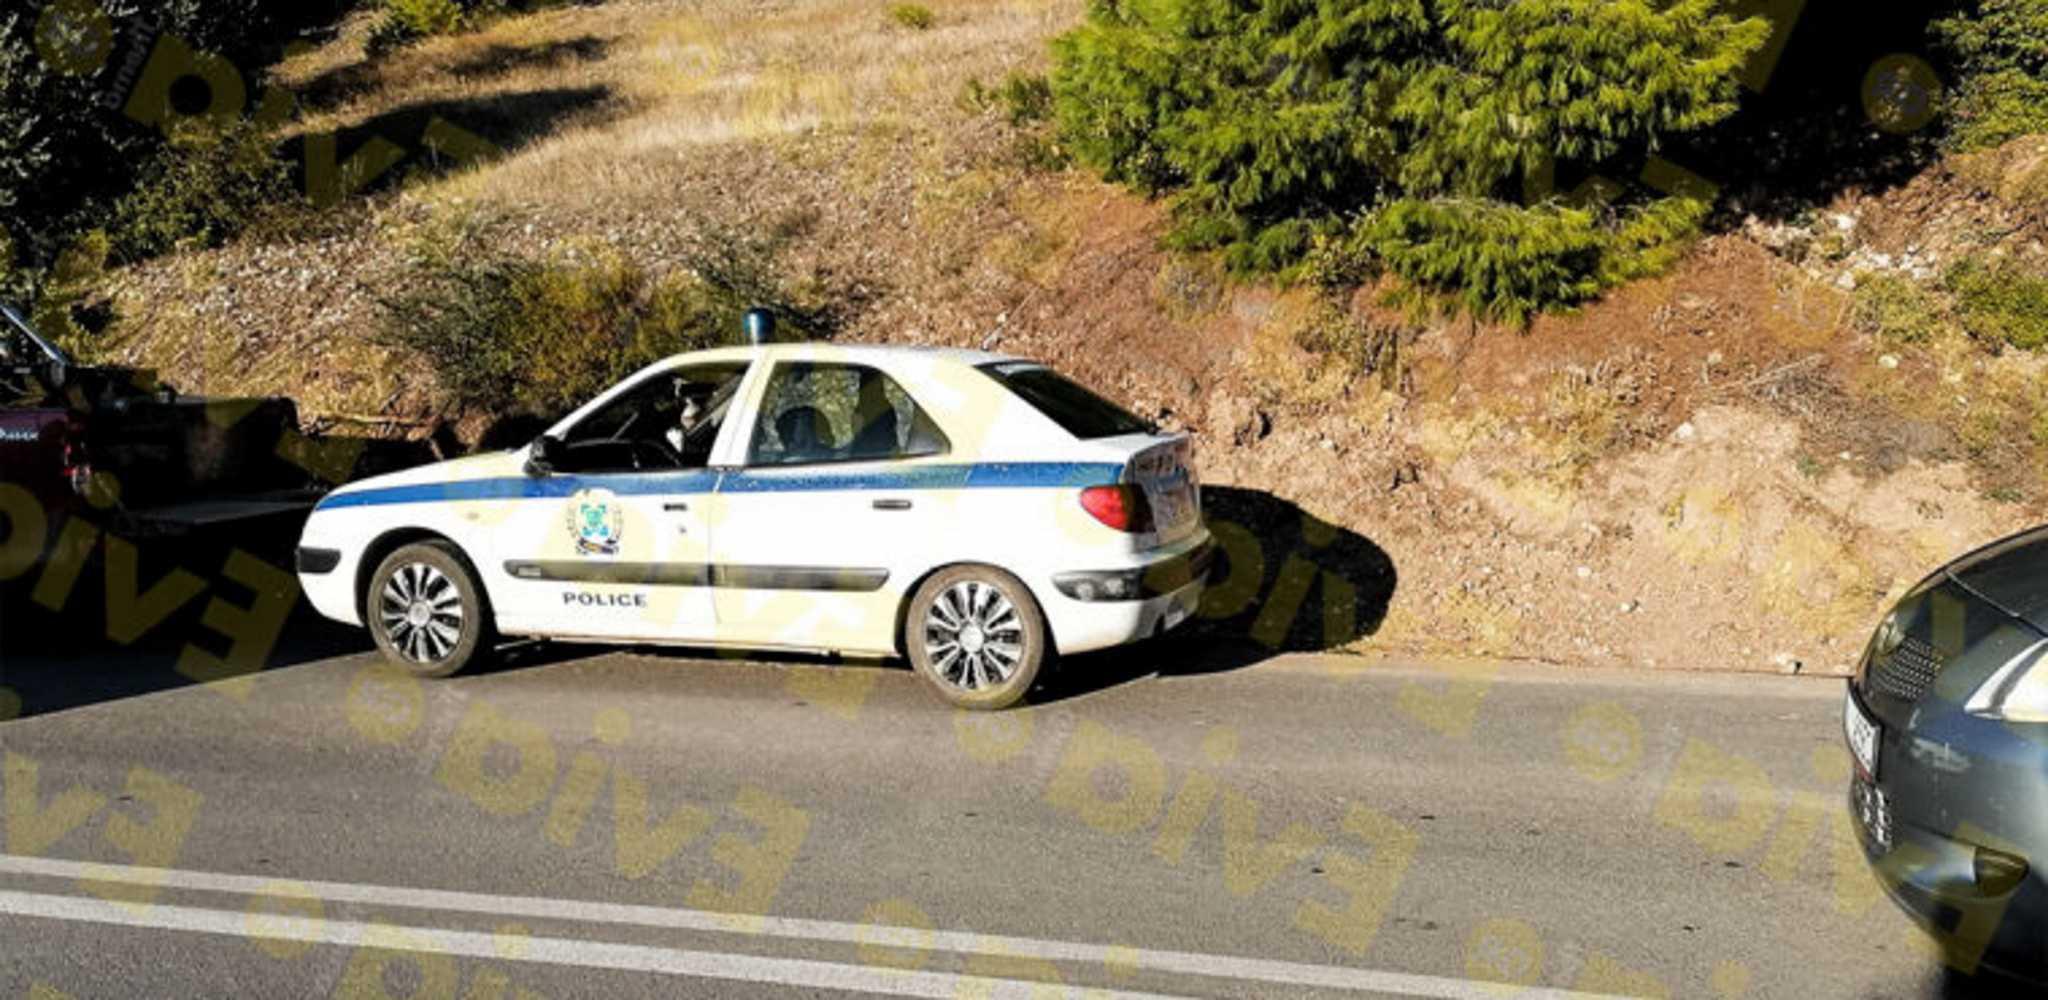 Σοκαριστικό τροχαίο στα Λουτρά Αιδηψού – 22χρονη οδηγός χωρίς δίπλωμα παρέσυρε 13χρονο